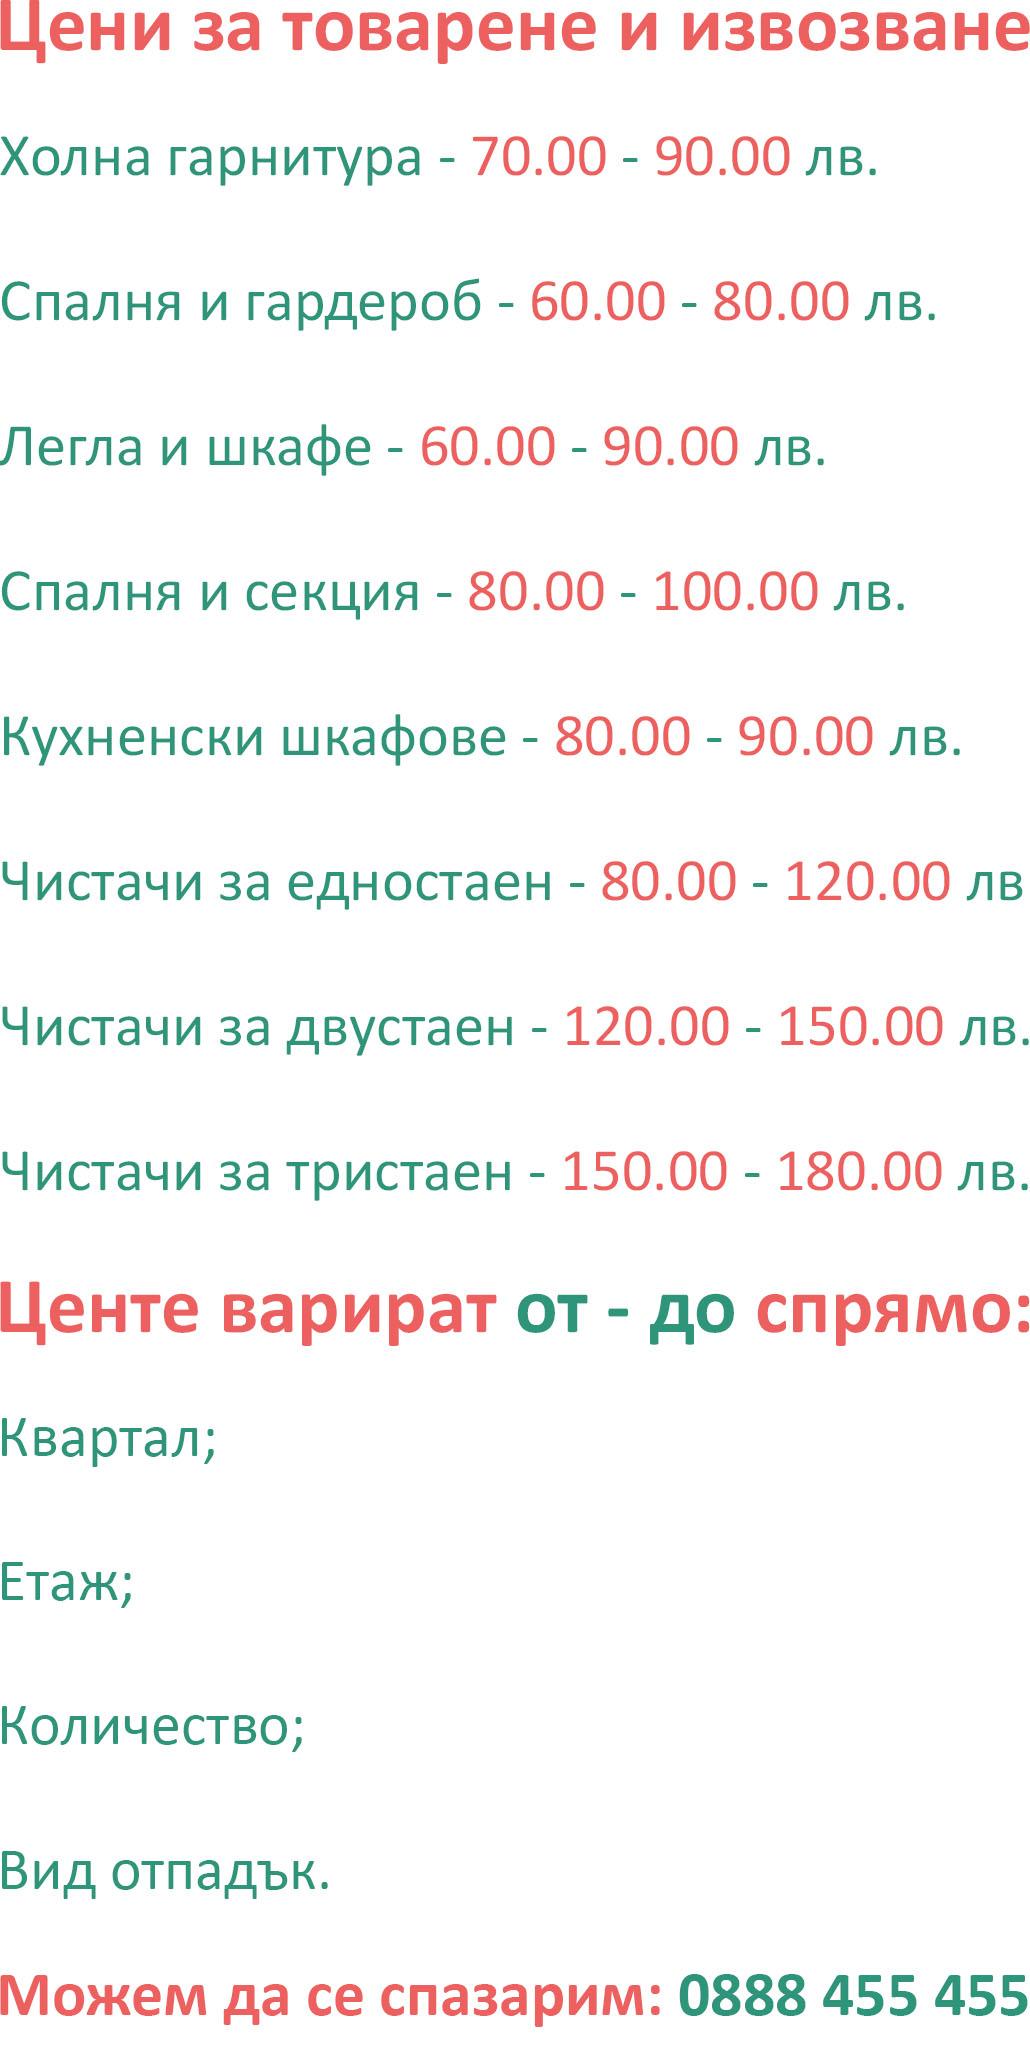 цени за извозване на отпадъци